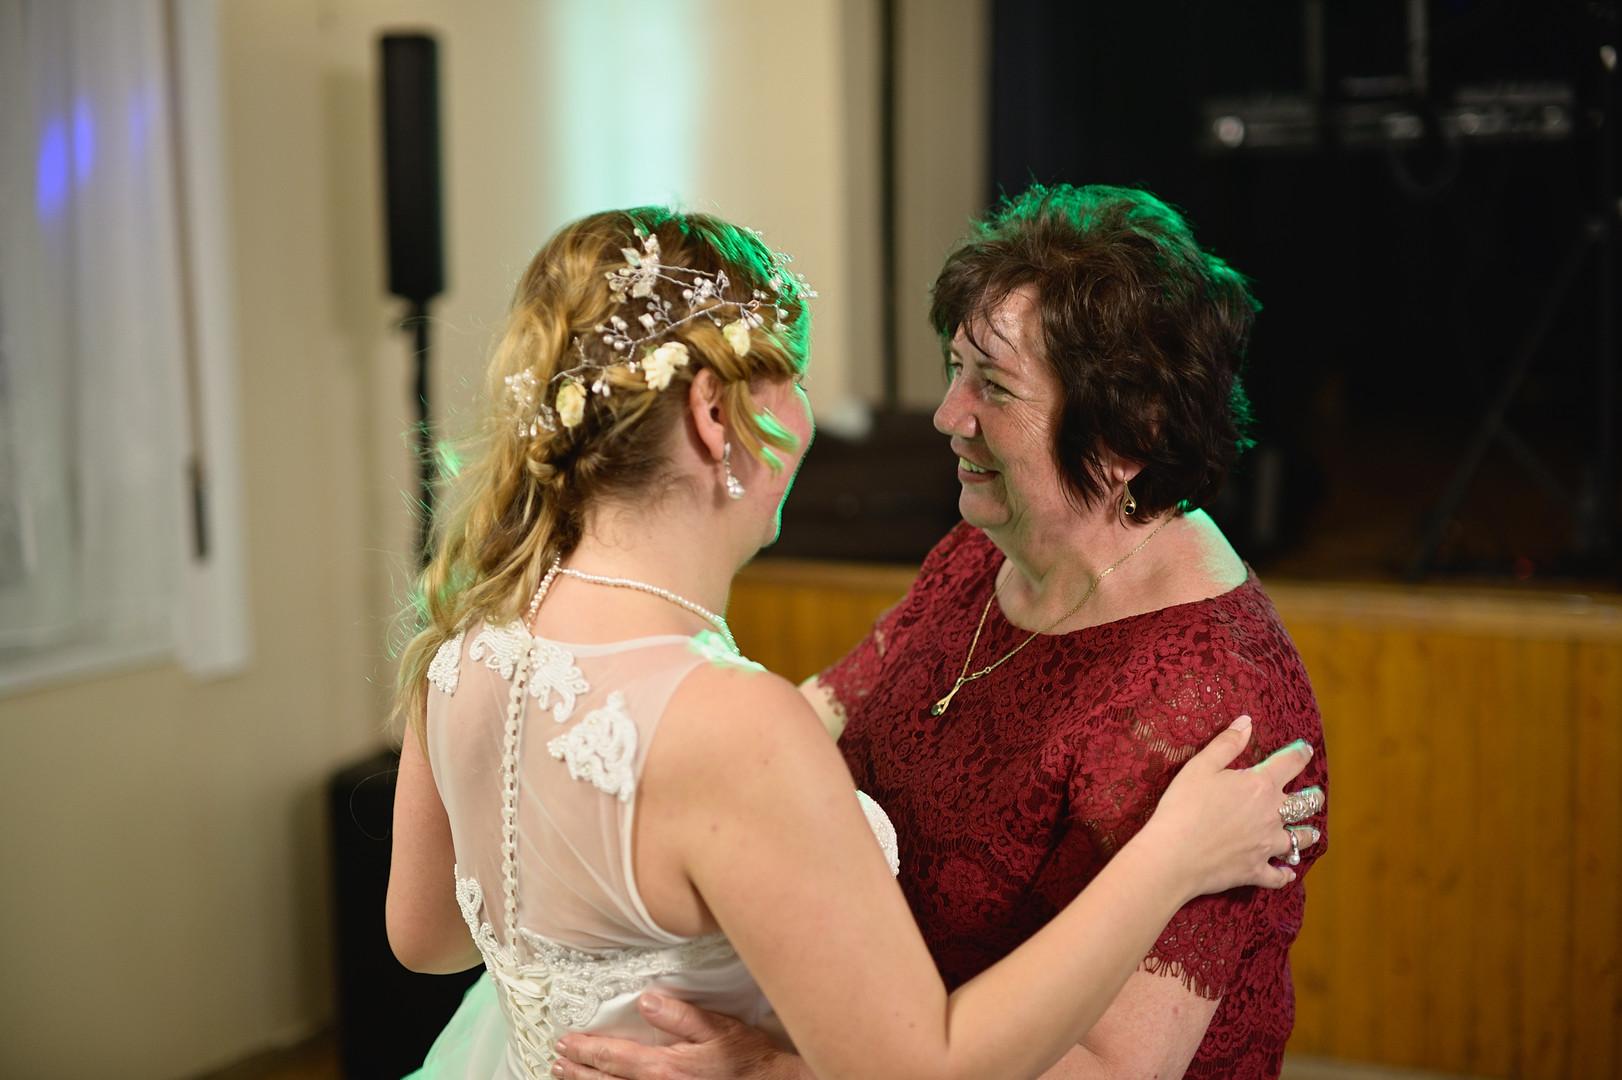 704  Esküvői fotózás - Enikő és Peti Bul